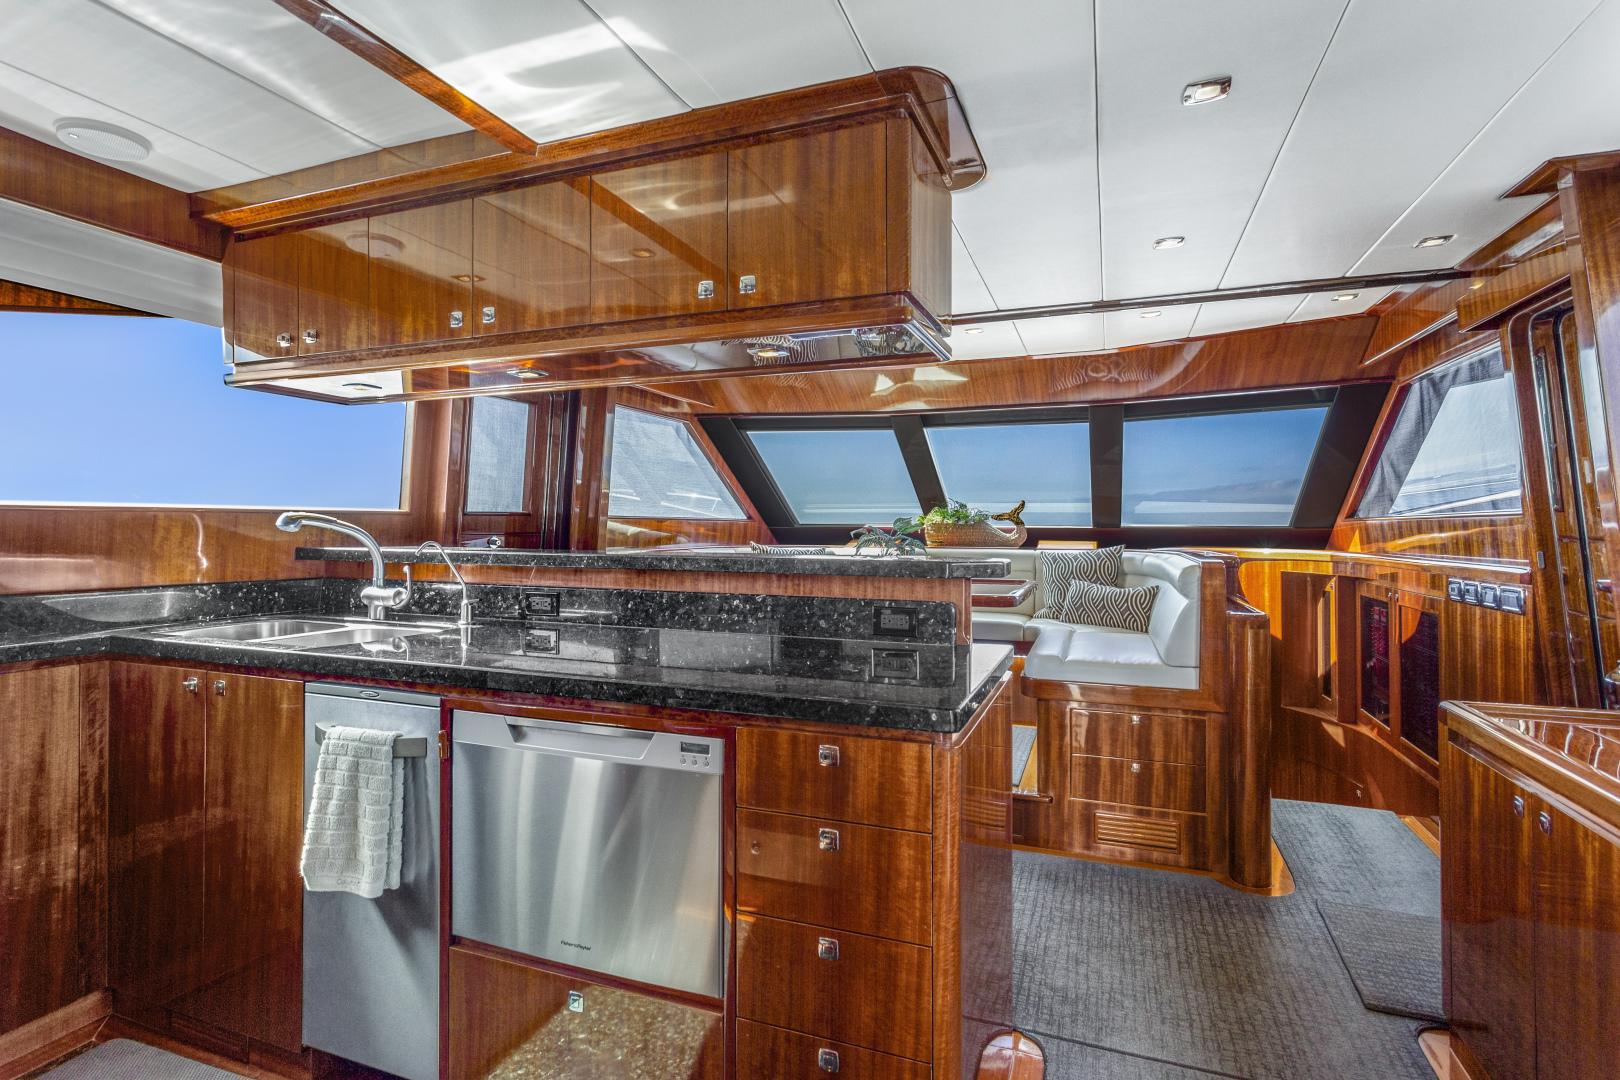 Hampton-76 Skylounge Motoryacht 2014-ODYSEA San Diego-California-United States-GALLEY-1165157 | Thumbnail